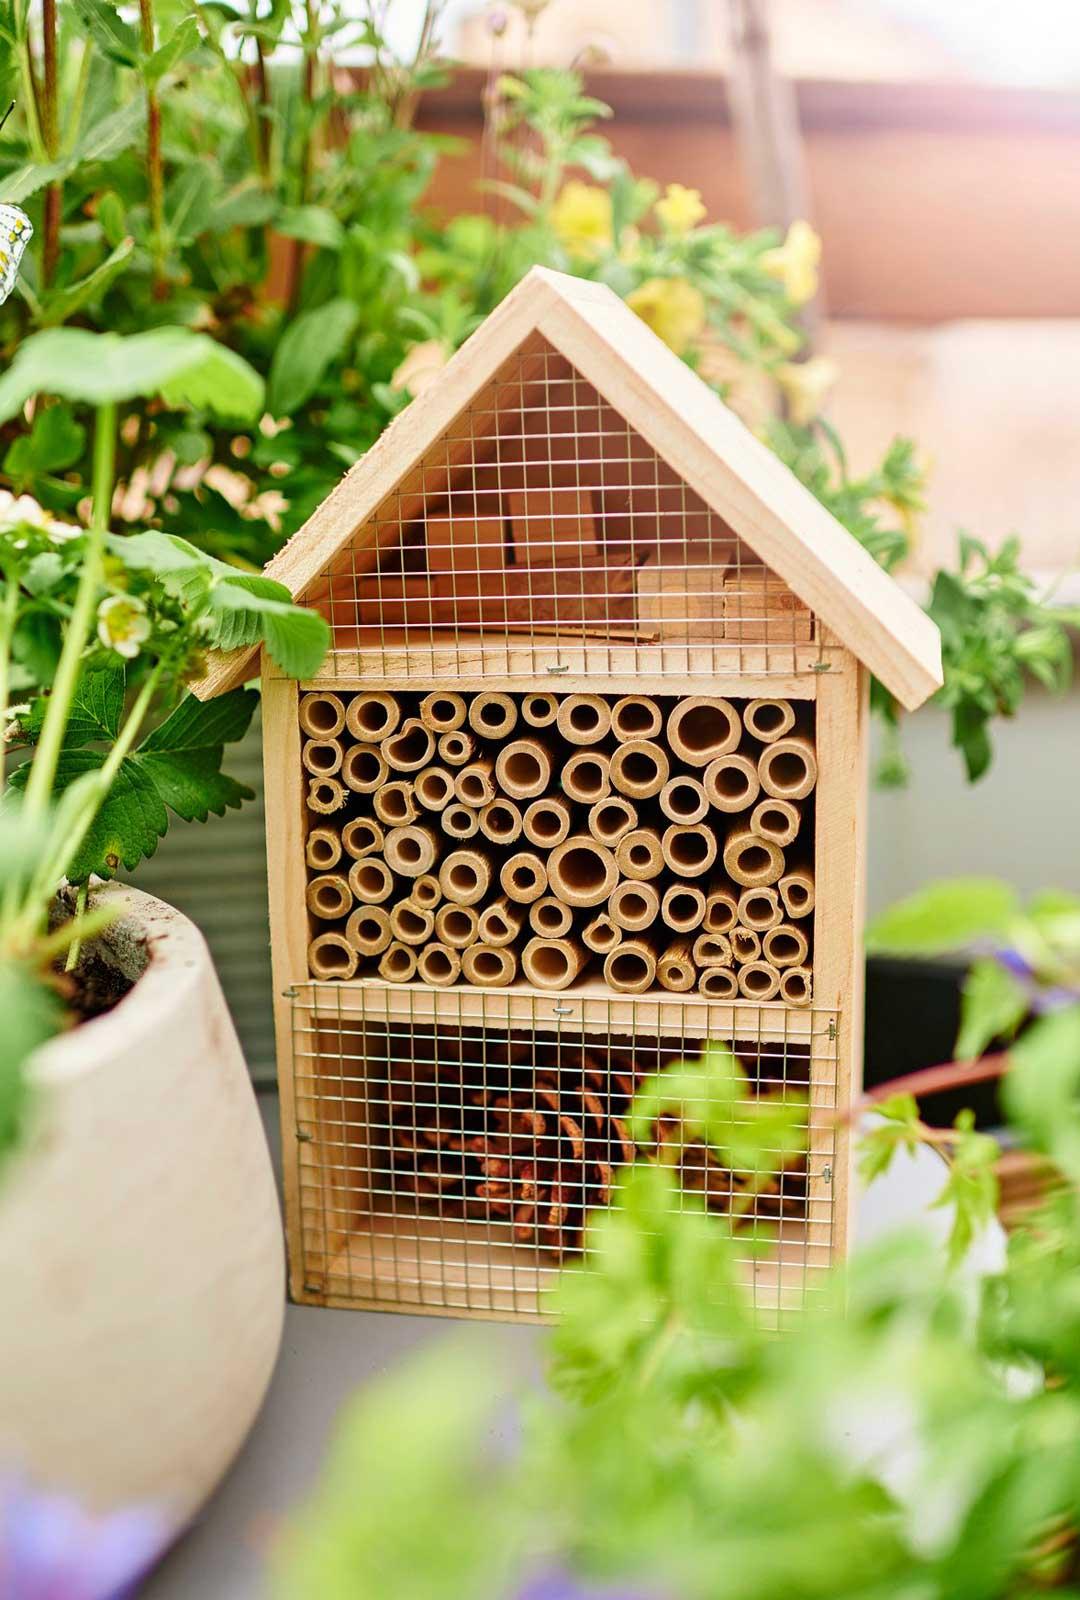 Luonnon moninaisuudesta ja sen säilyttämisen tärkeydestä puhutaan nyt paljon. Pölyttäjät ovat tärkeä osa sitä. Anna siis koti hyönteisille. Hyönteishotelli alk. 10,50 e, Plantagen.